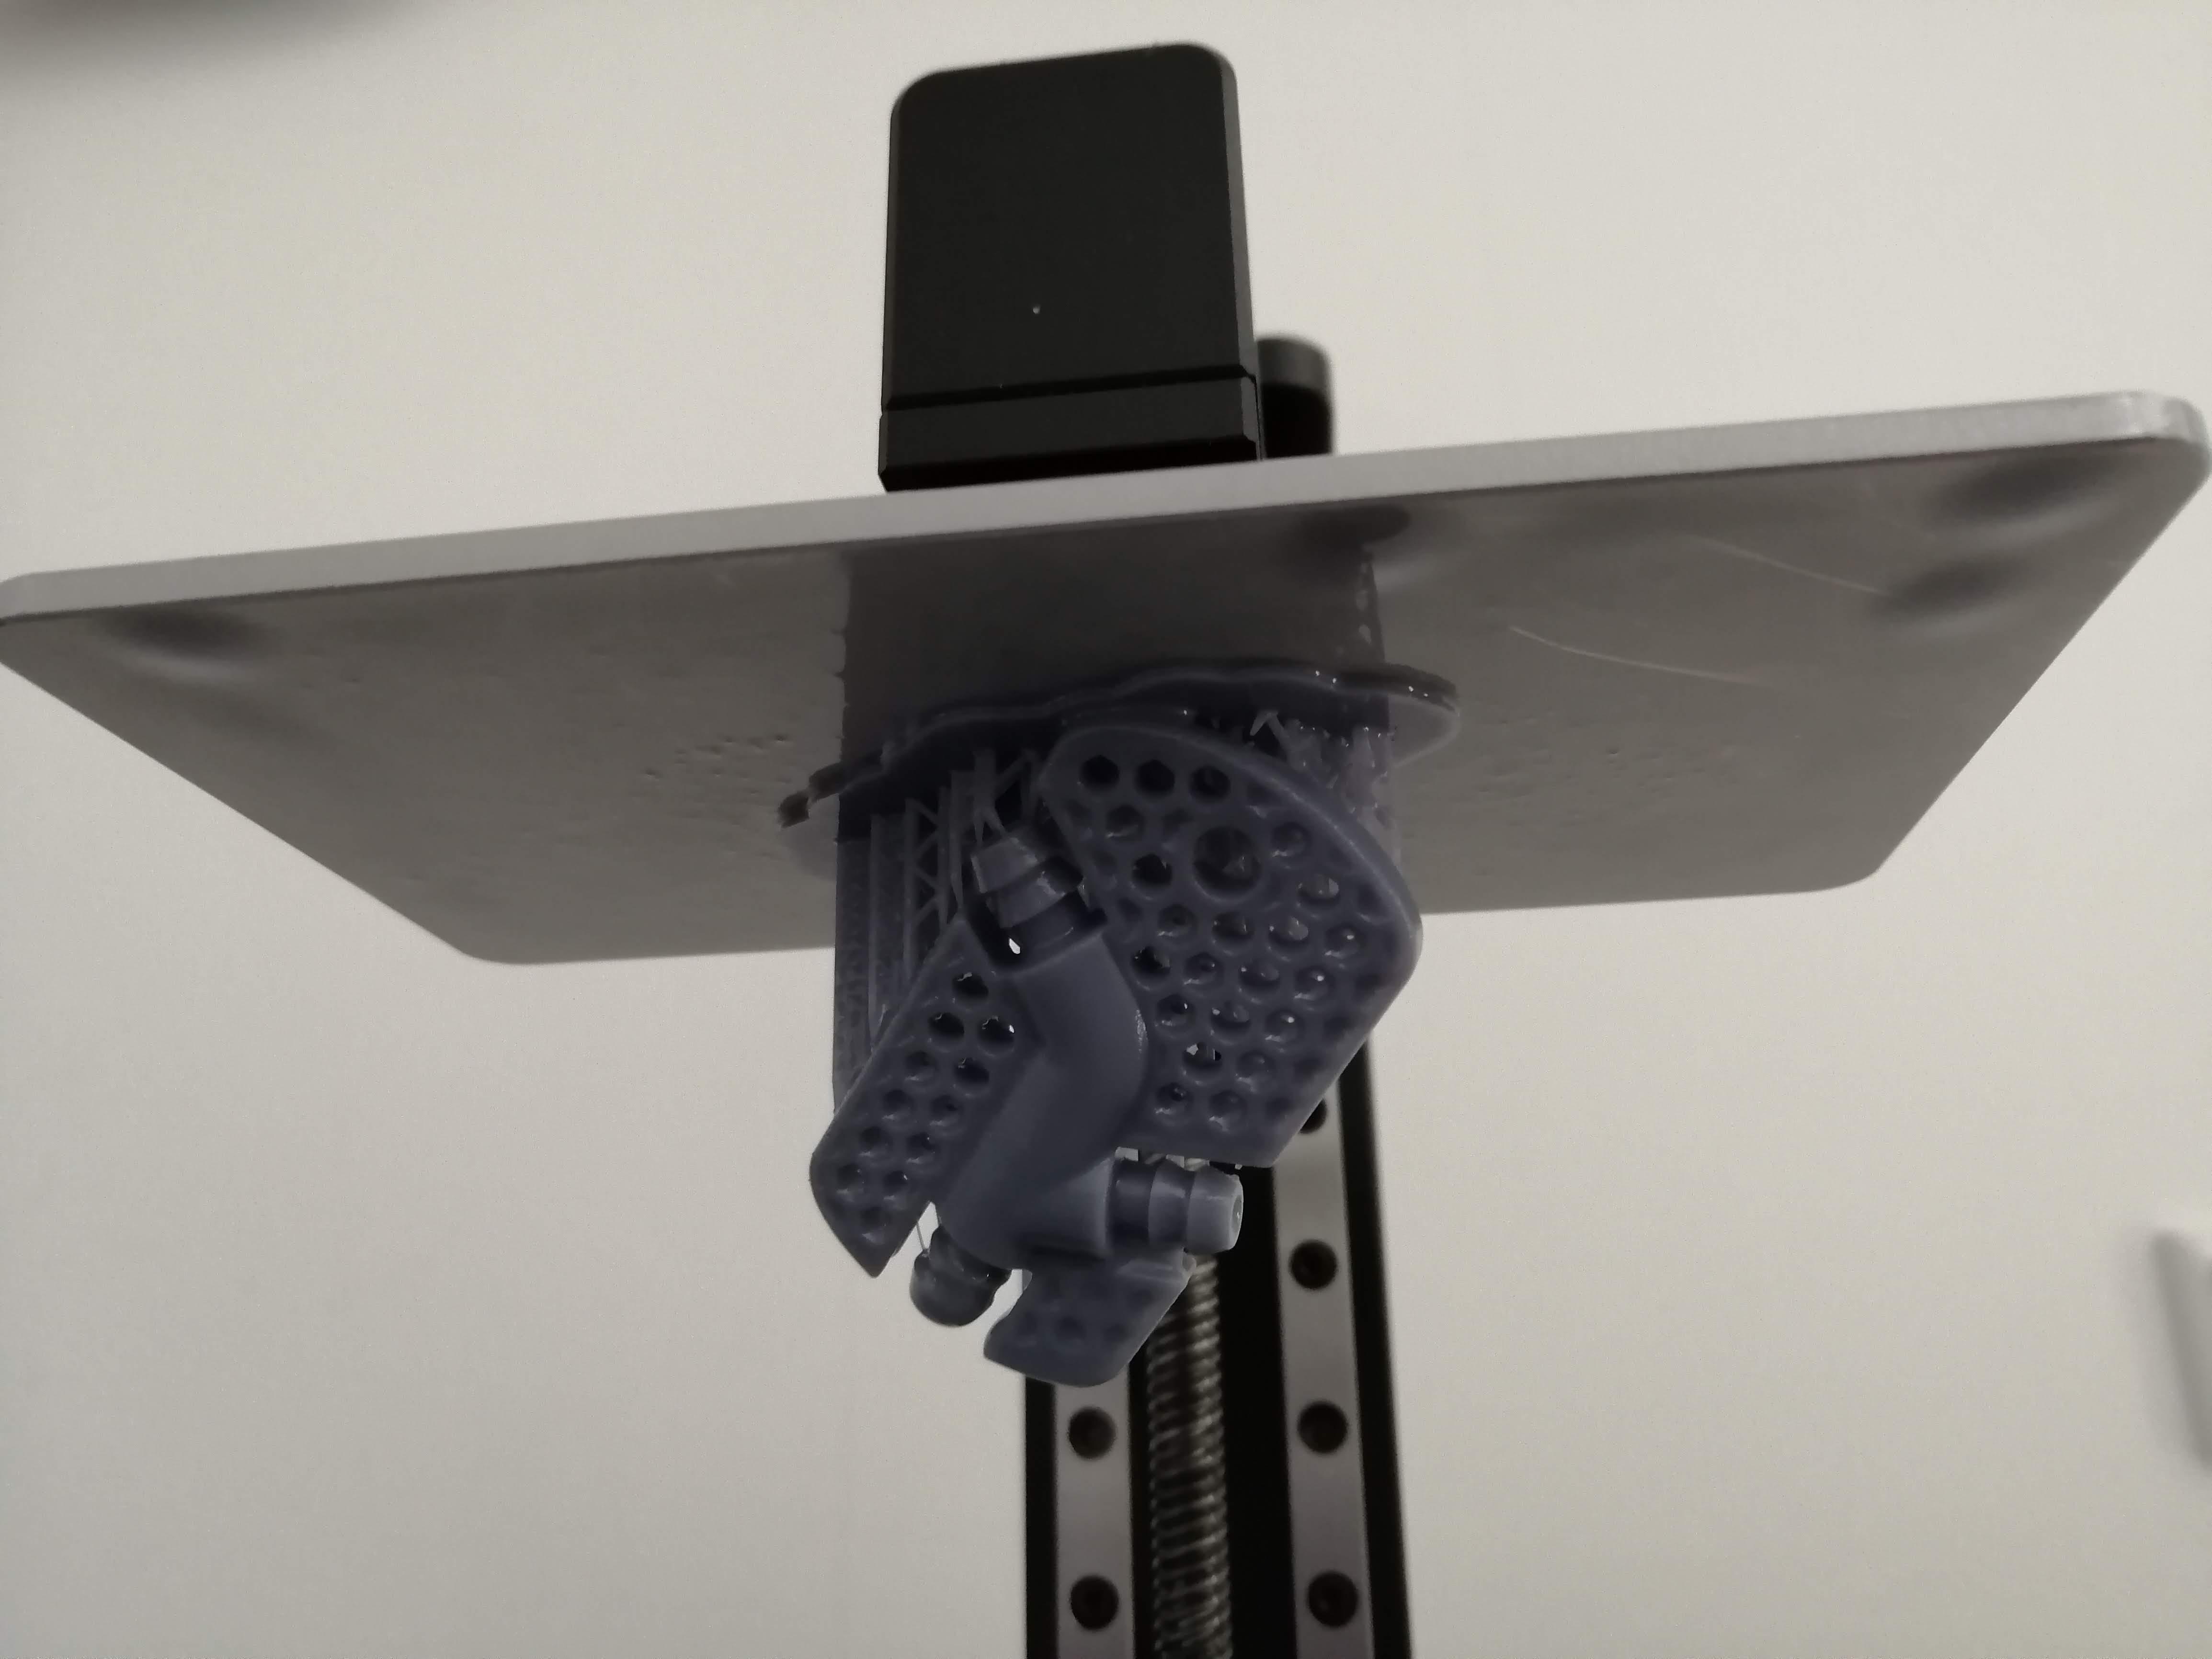 Bauteil im SLA-Drucker